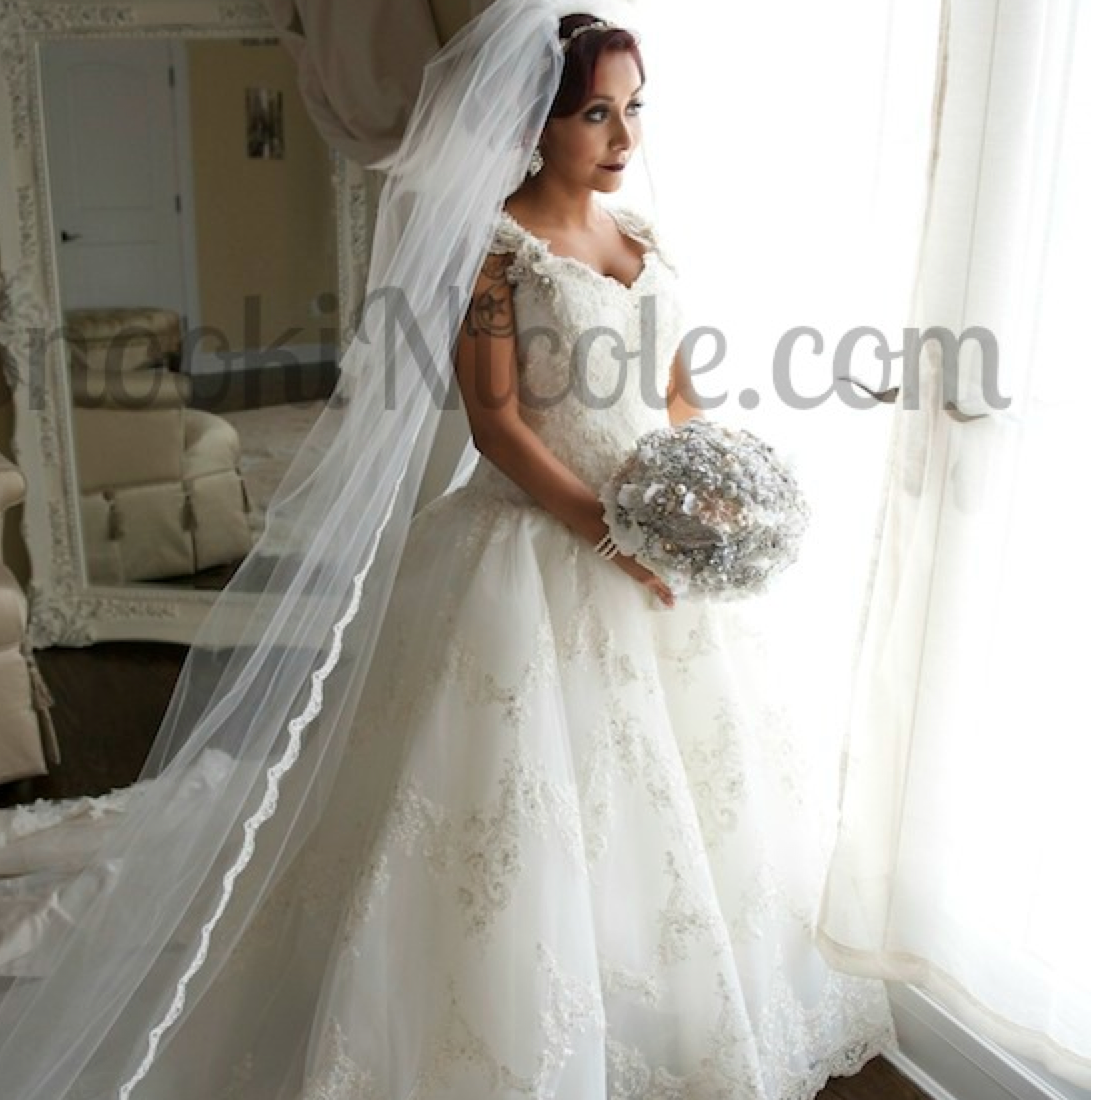 Spoiler Aler --- Snooki Got Married! The #ShortBuzzz